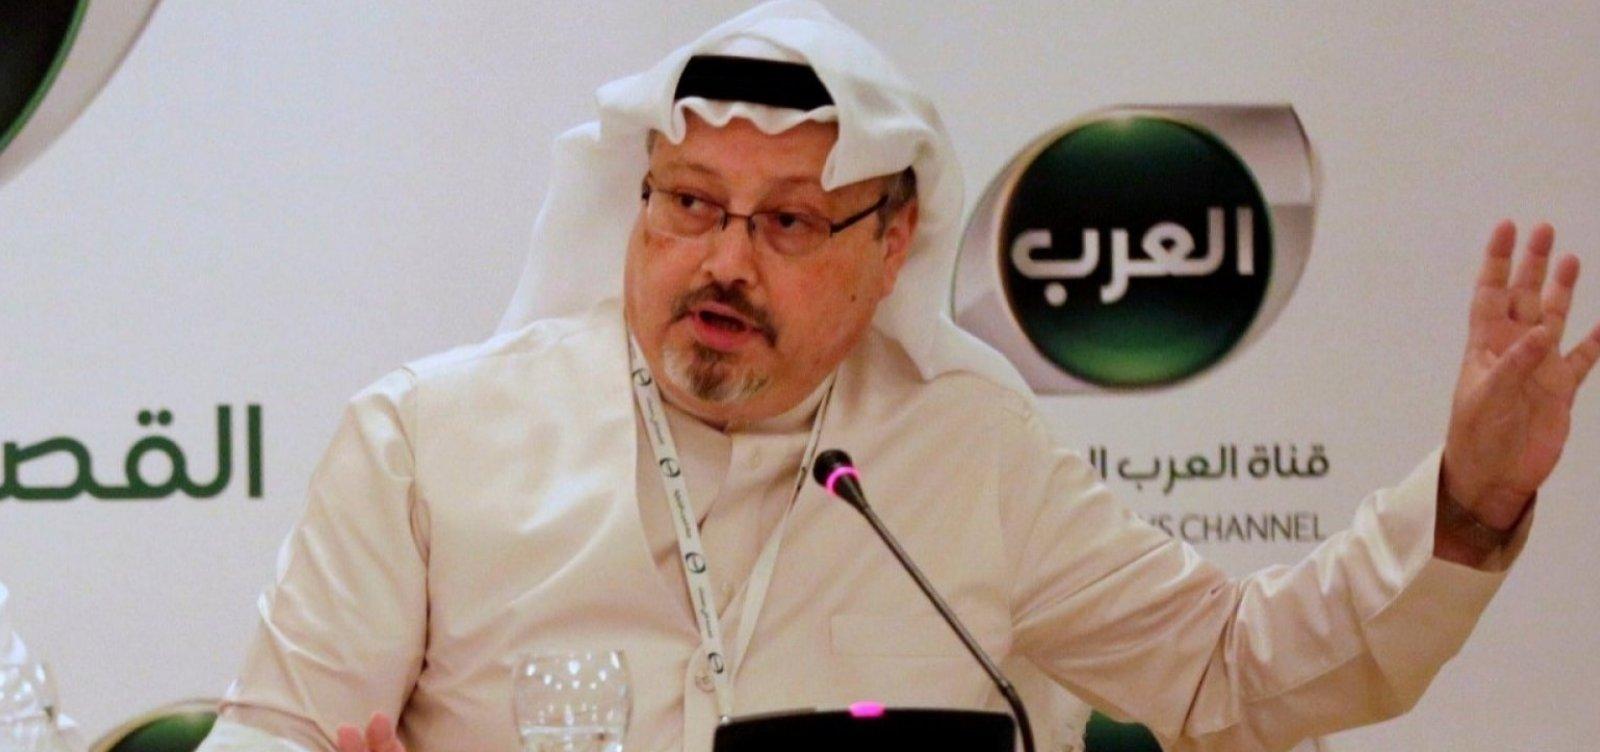 Jornalista saudita foi morto por estrangulamento, diz procurador